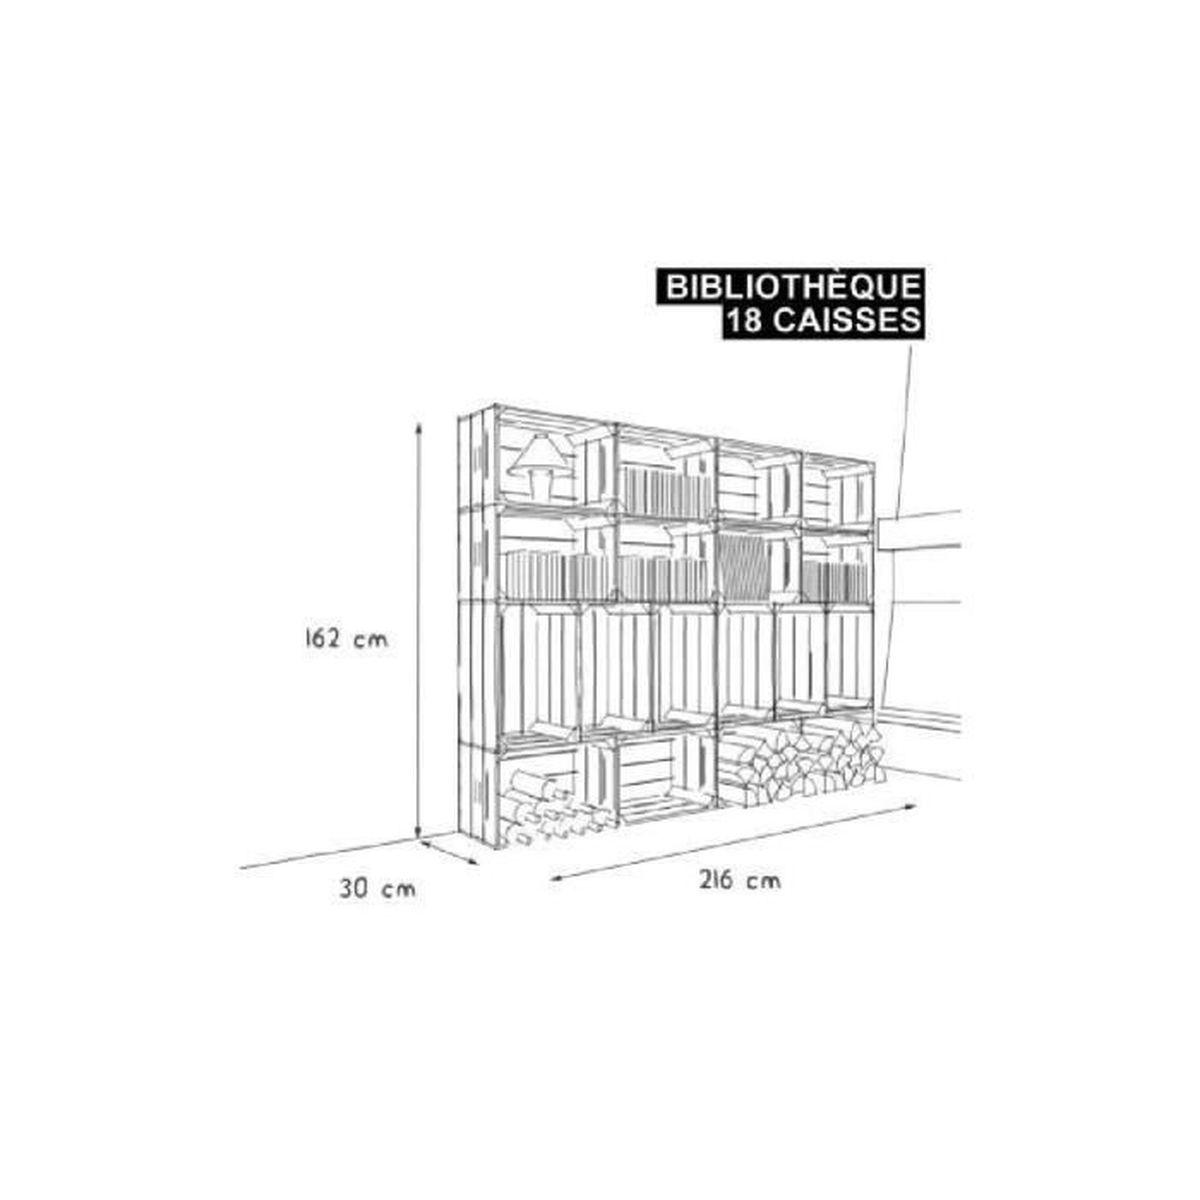 Biblioth que 18s kit pr t assembler caisses en bois x18 fabriqu e m - Bibliotheque caisse bois ...